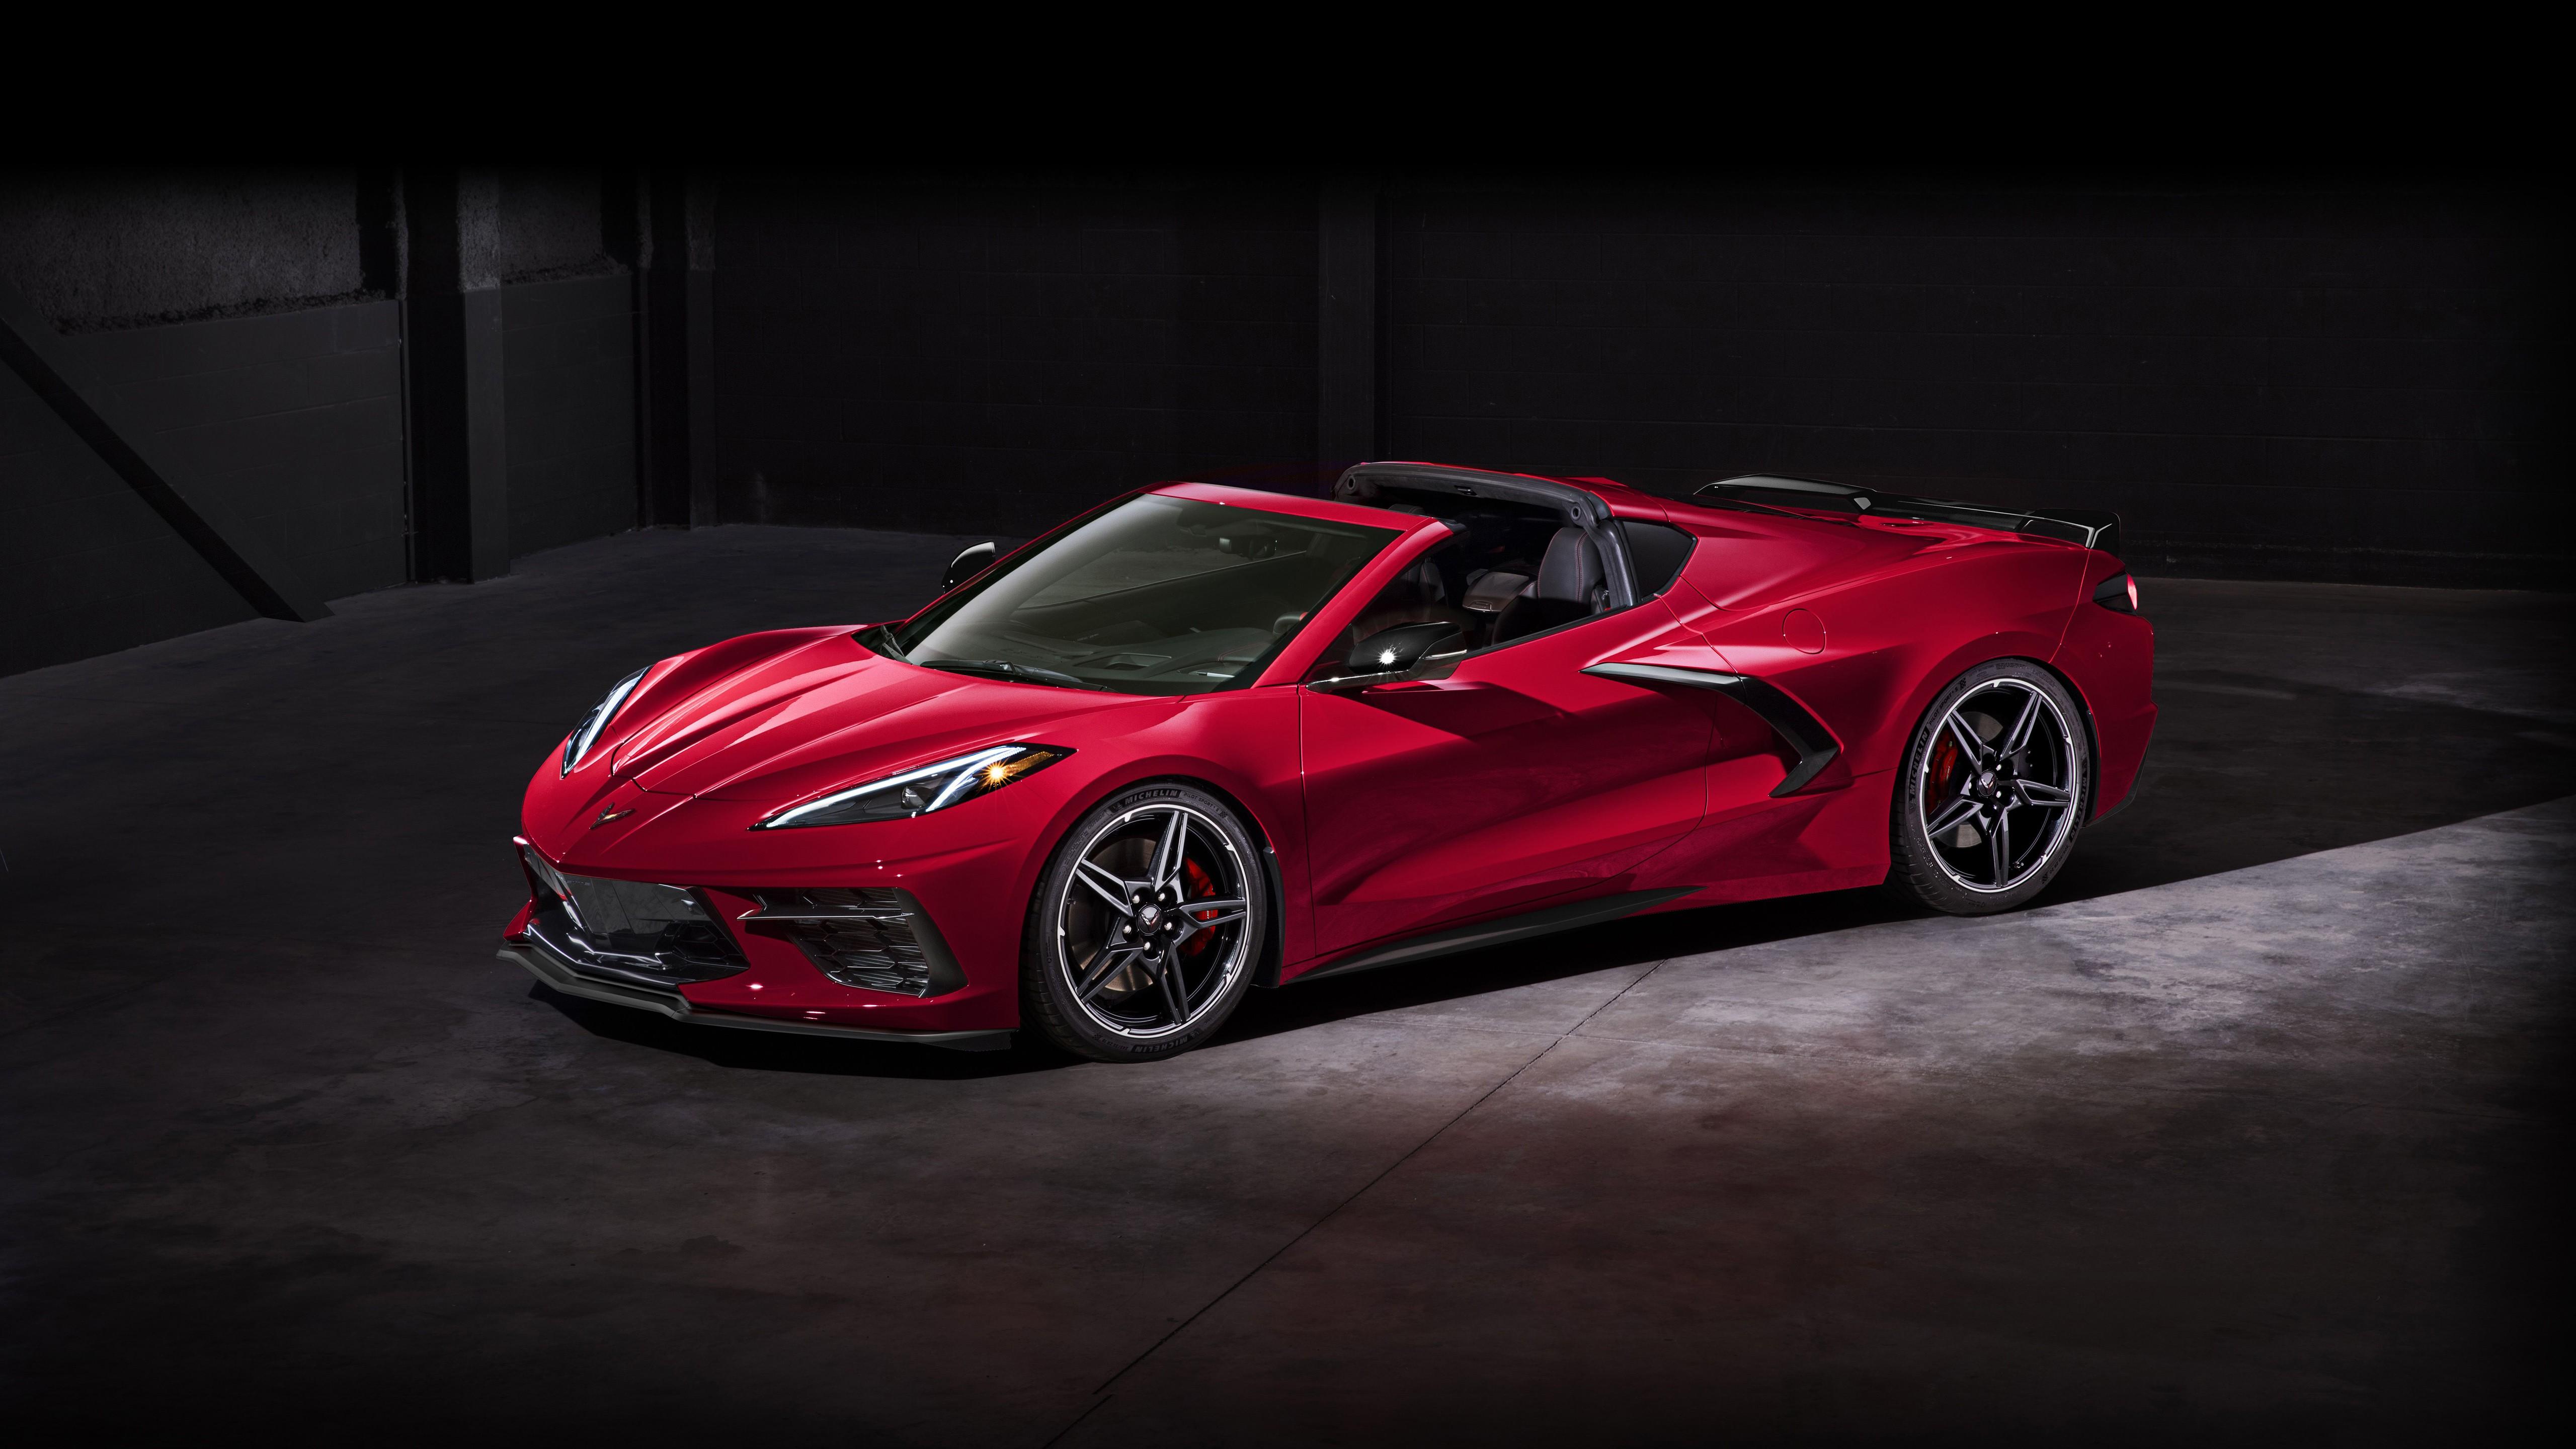 2020 chevrolet corvette stingray z51 convertible 4k wallpaper